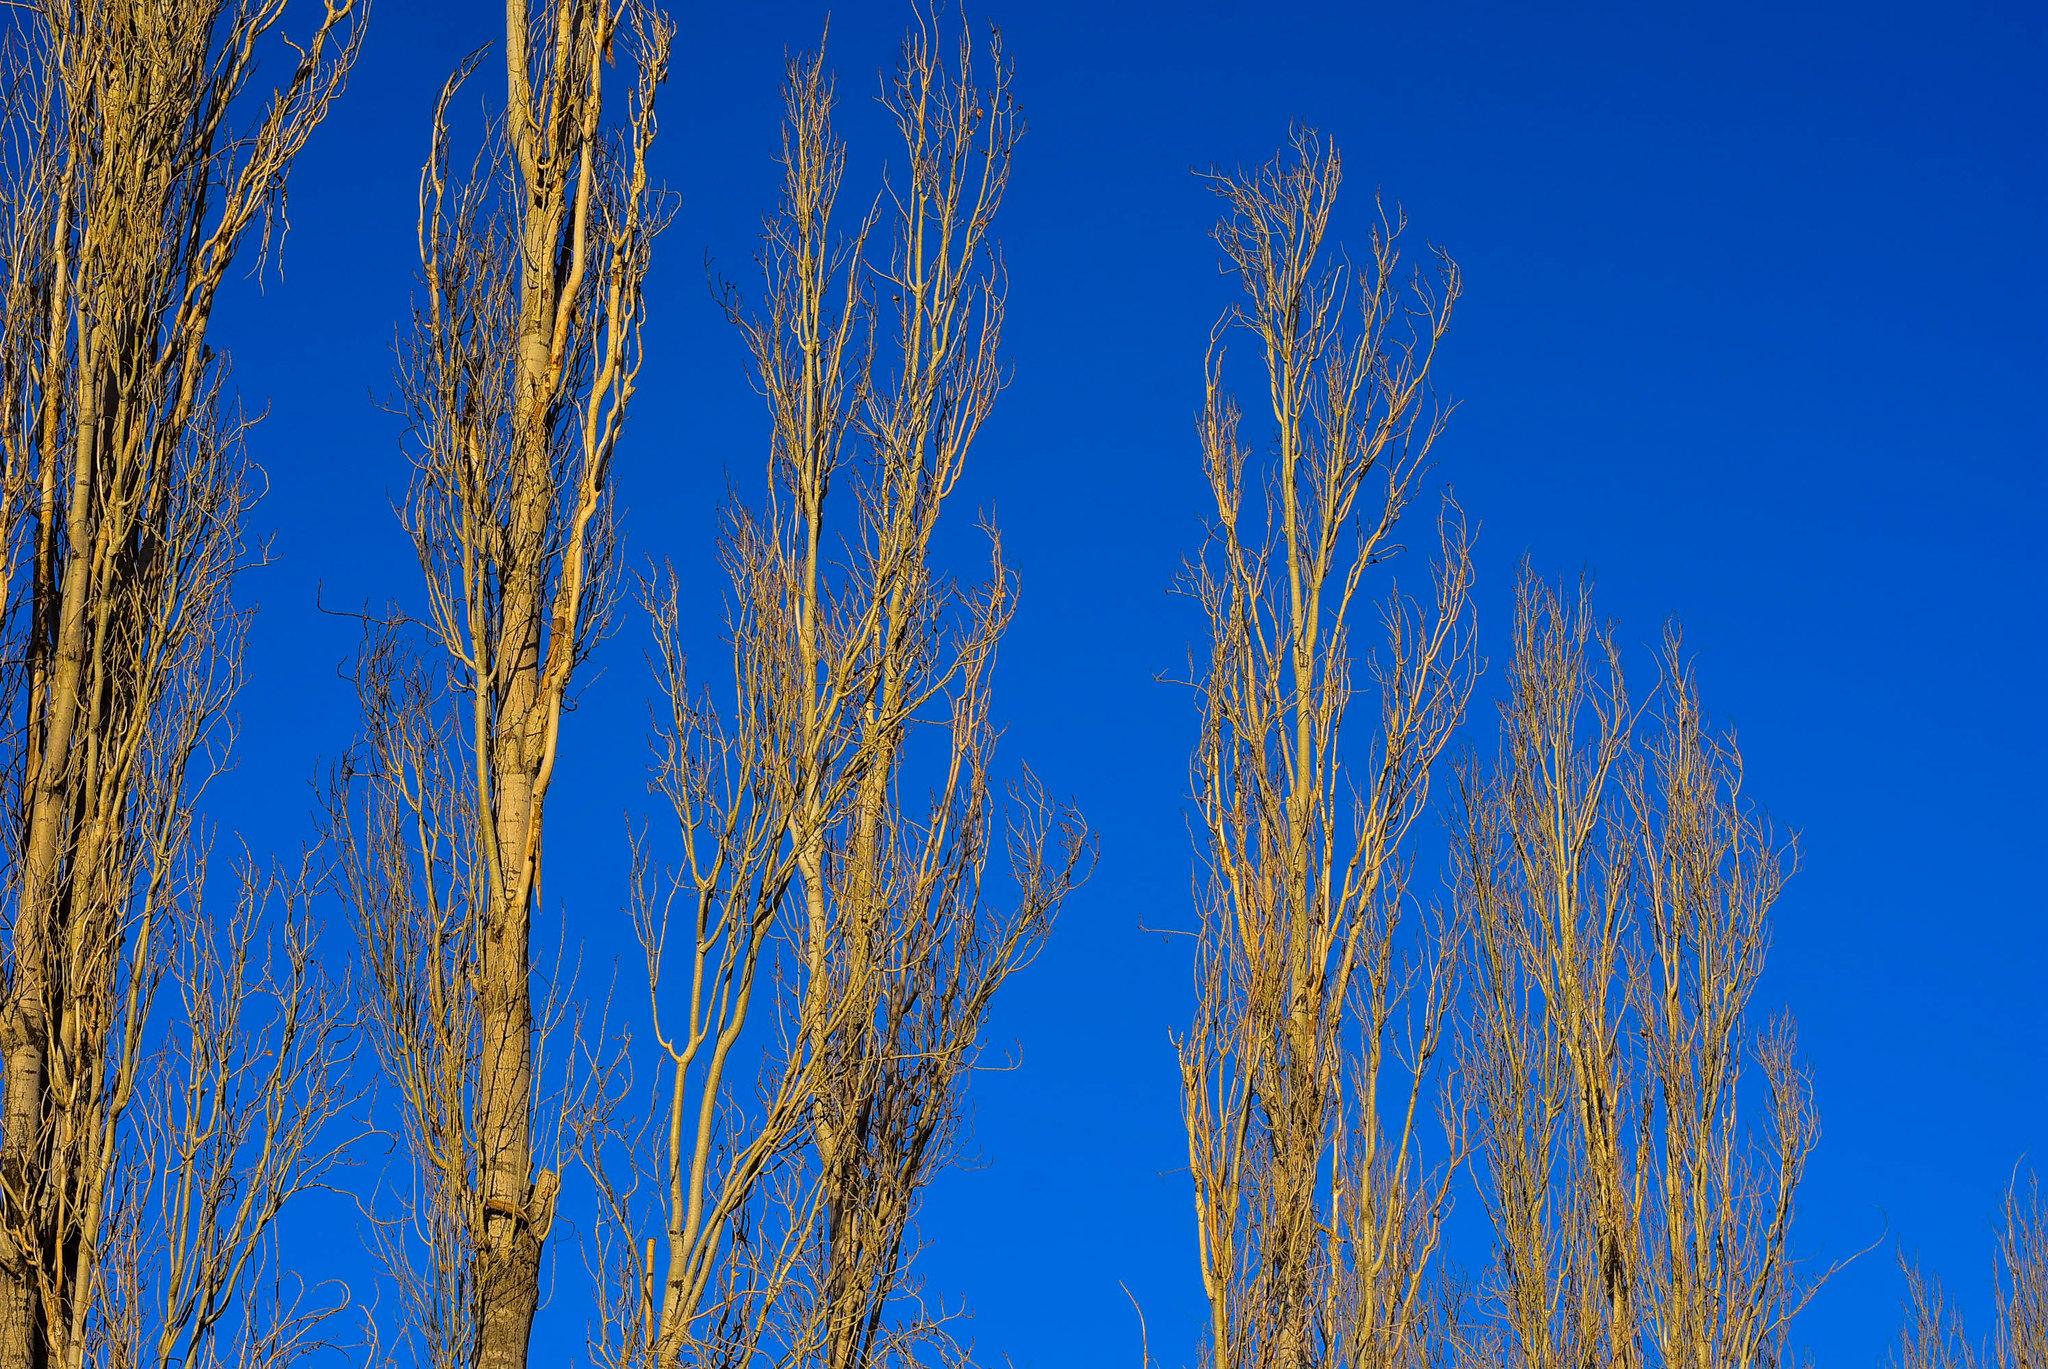 line of tree in blue sky